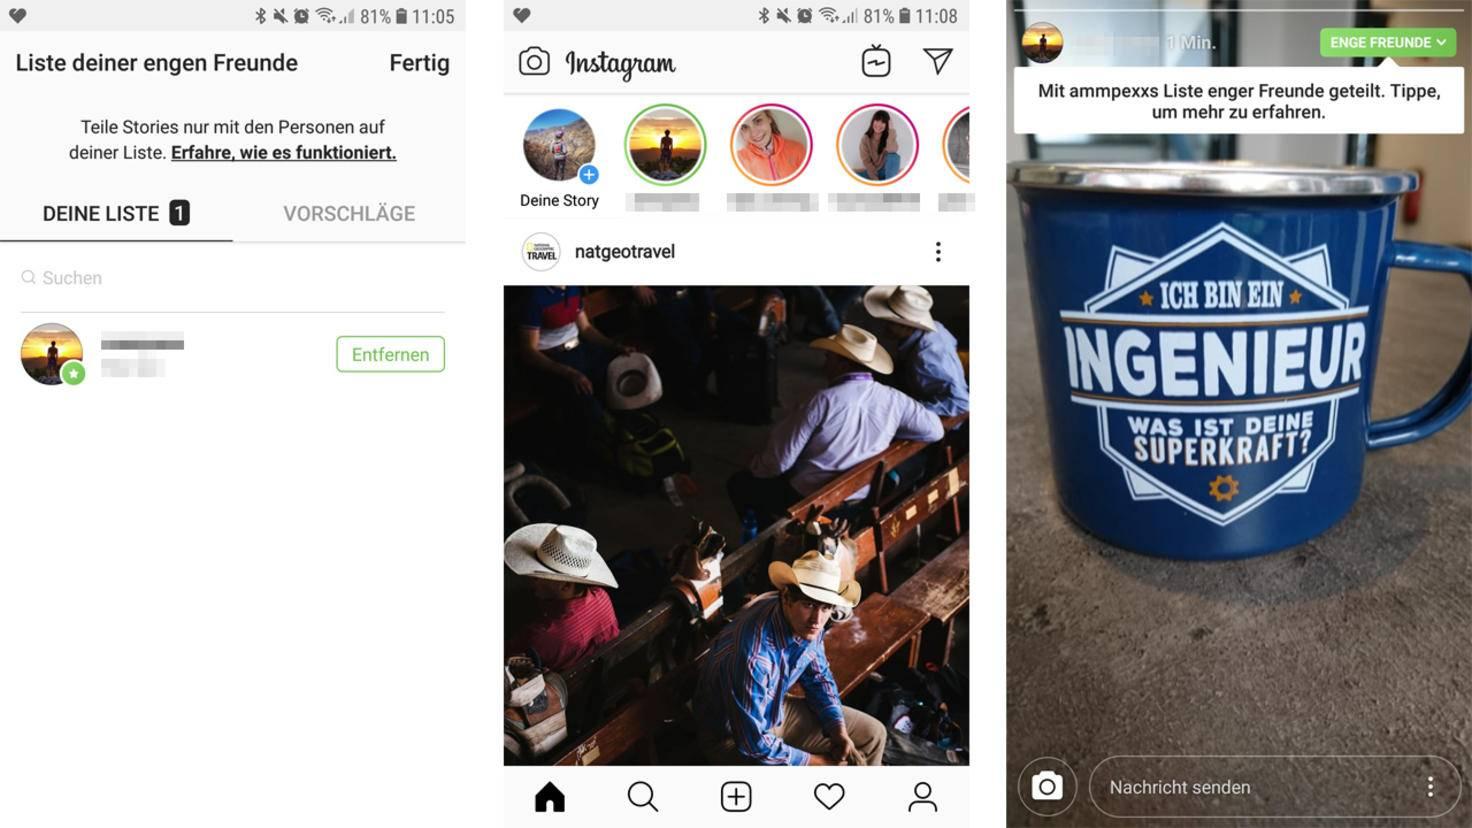 Instagram enge Freunde 2